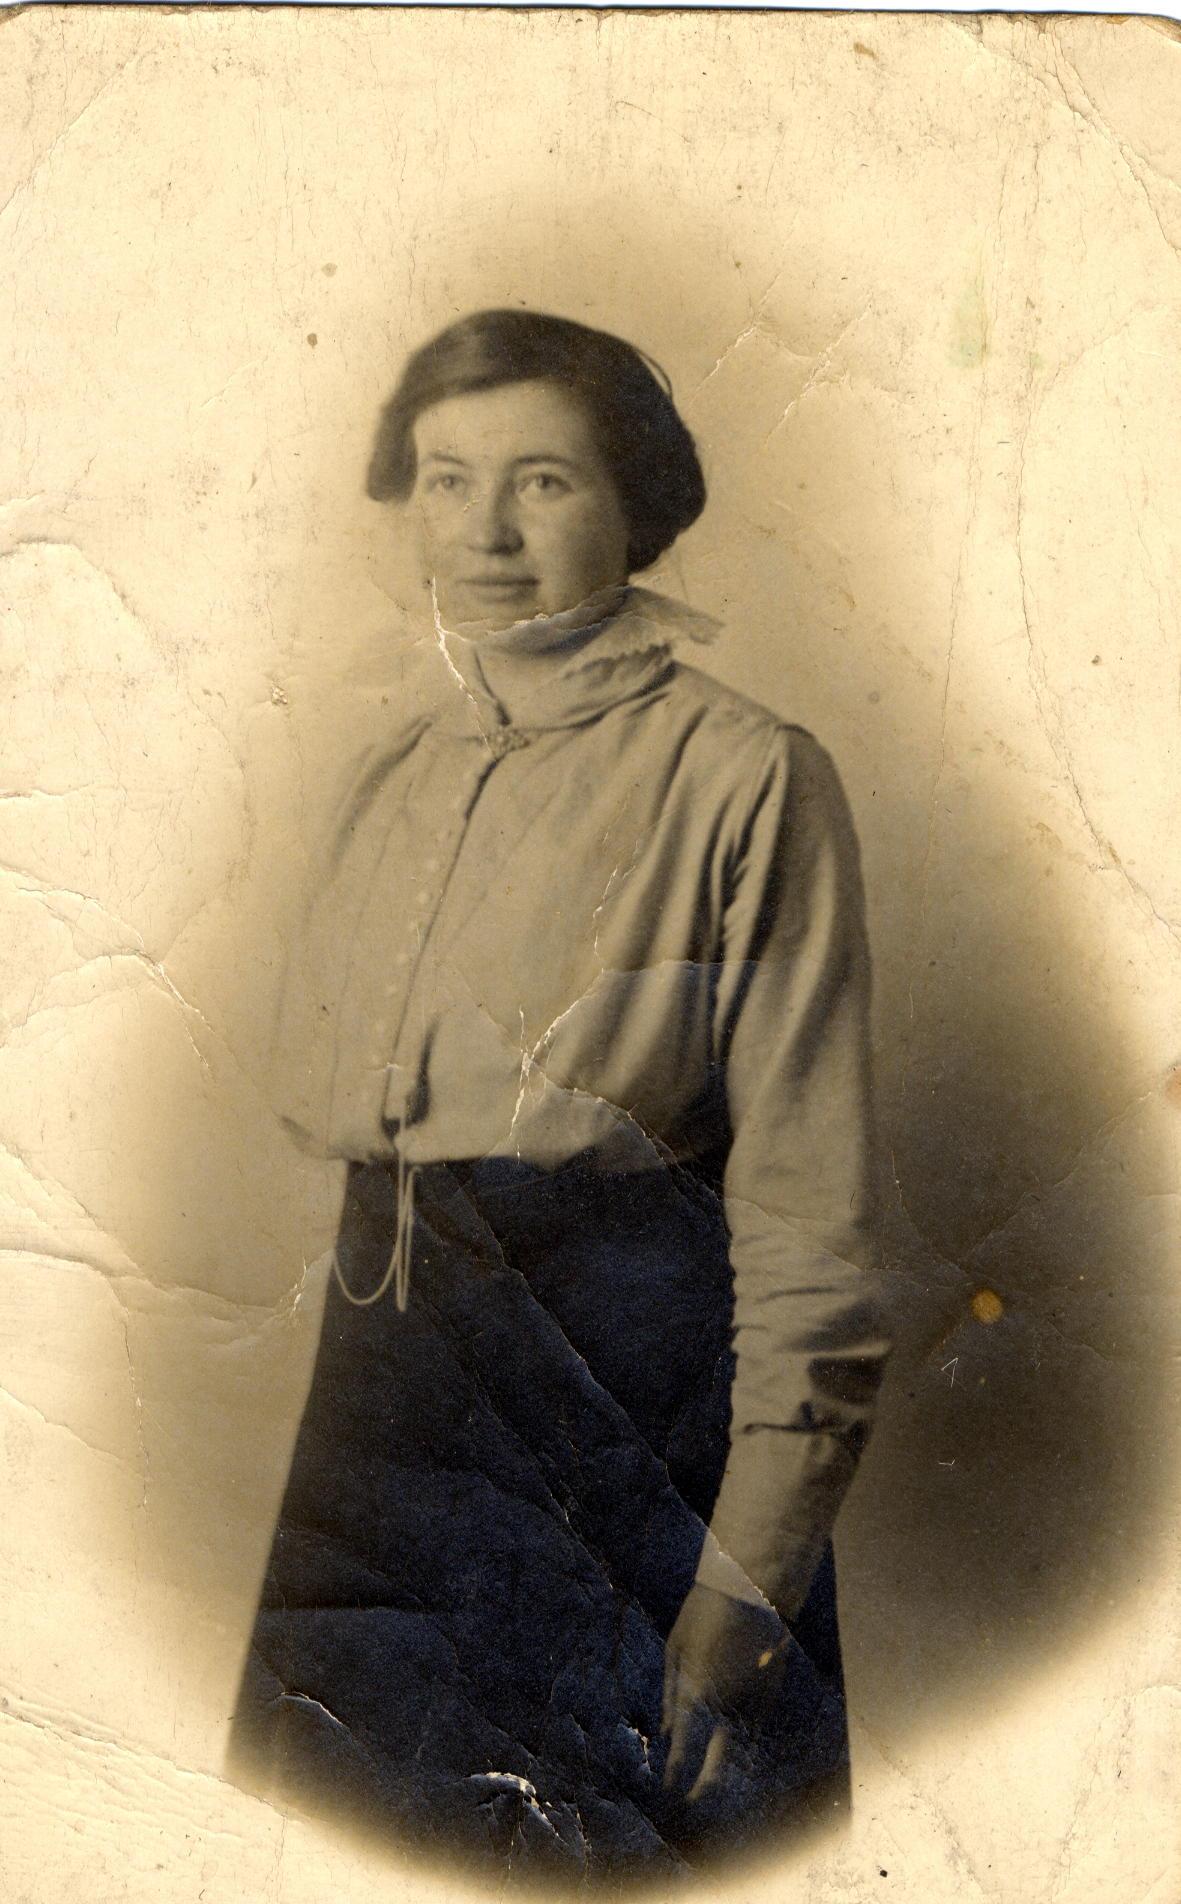 Pieternella Kuus (1896-1992)